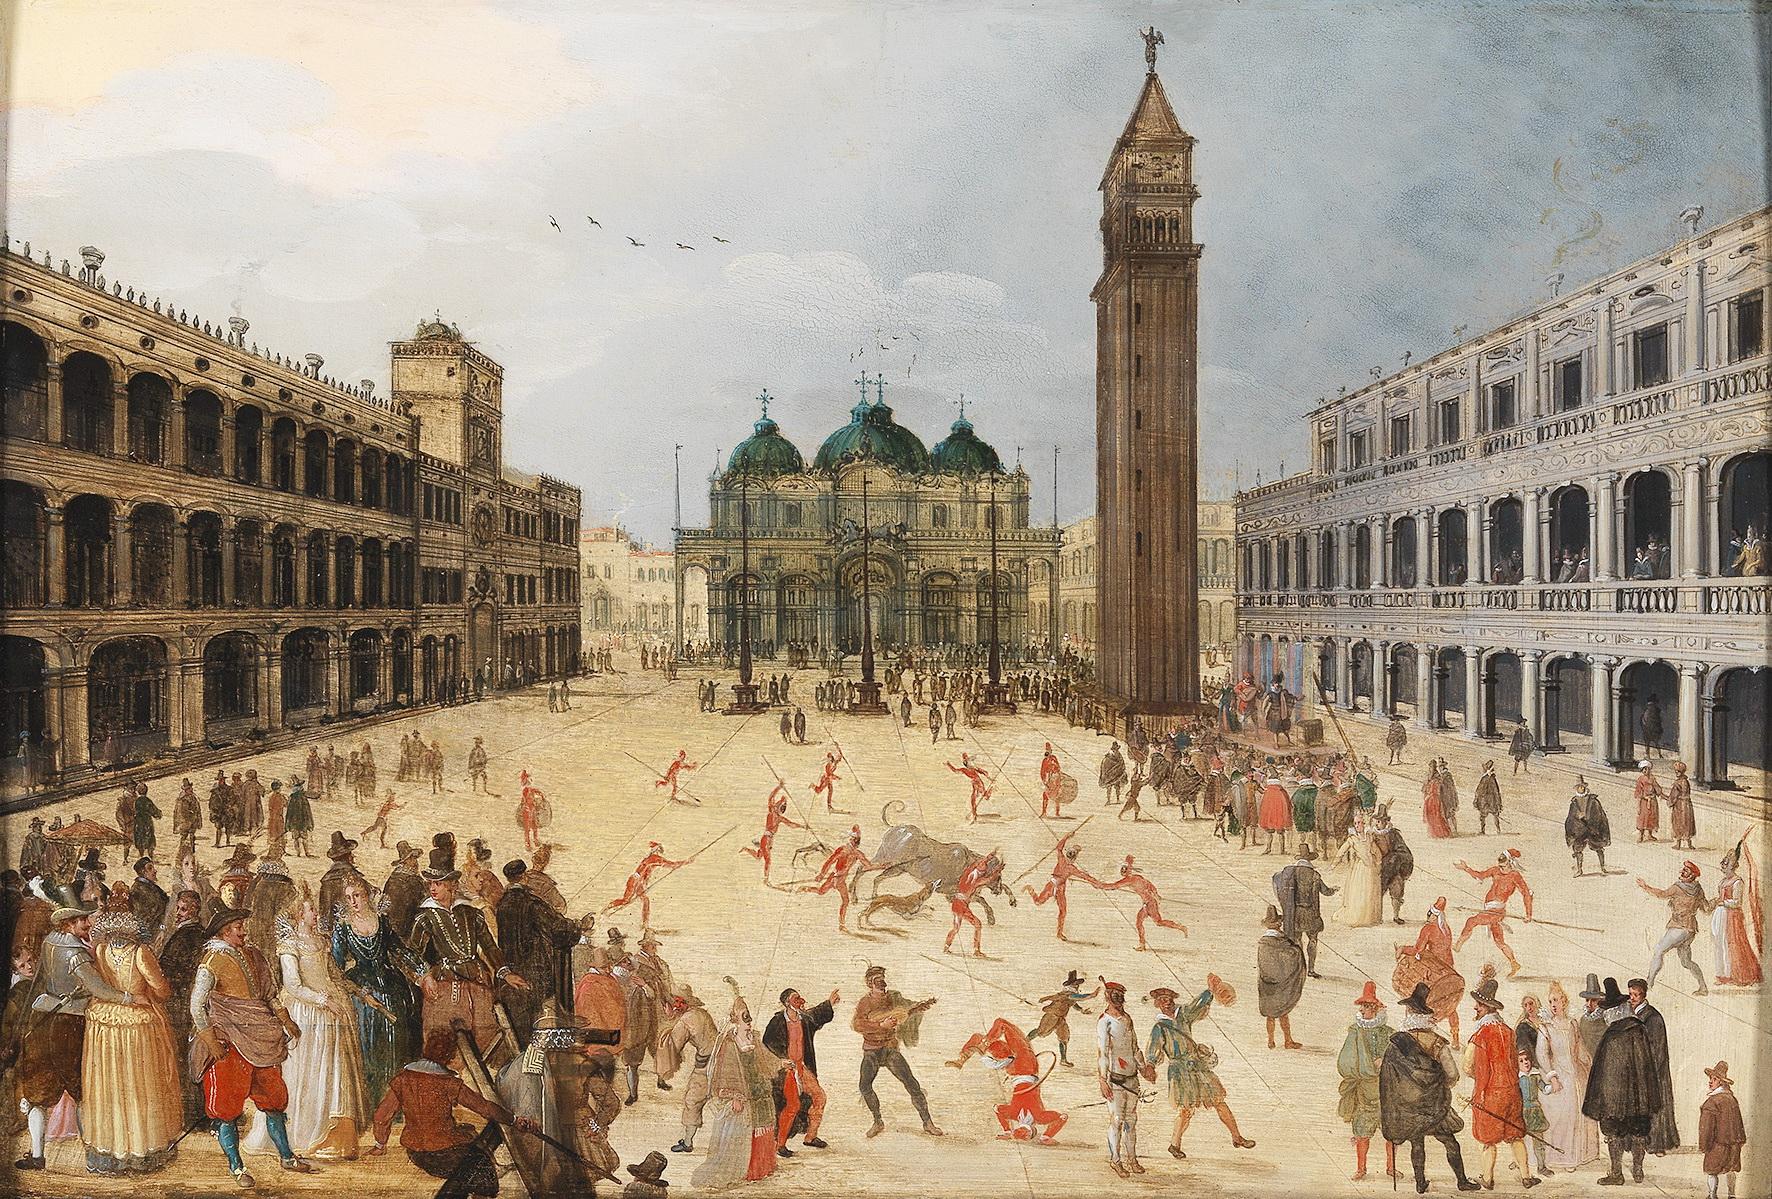 Sebastian Vrancx (1573-1647), « A carneval scene at the Piazza San Marco, Venice », image ©Dorotheum